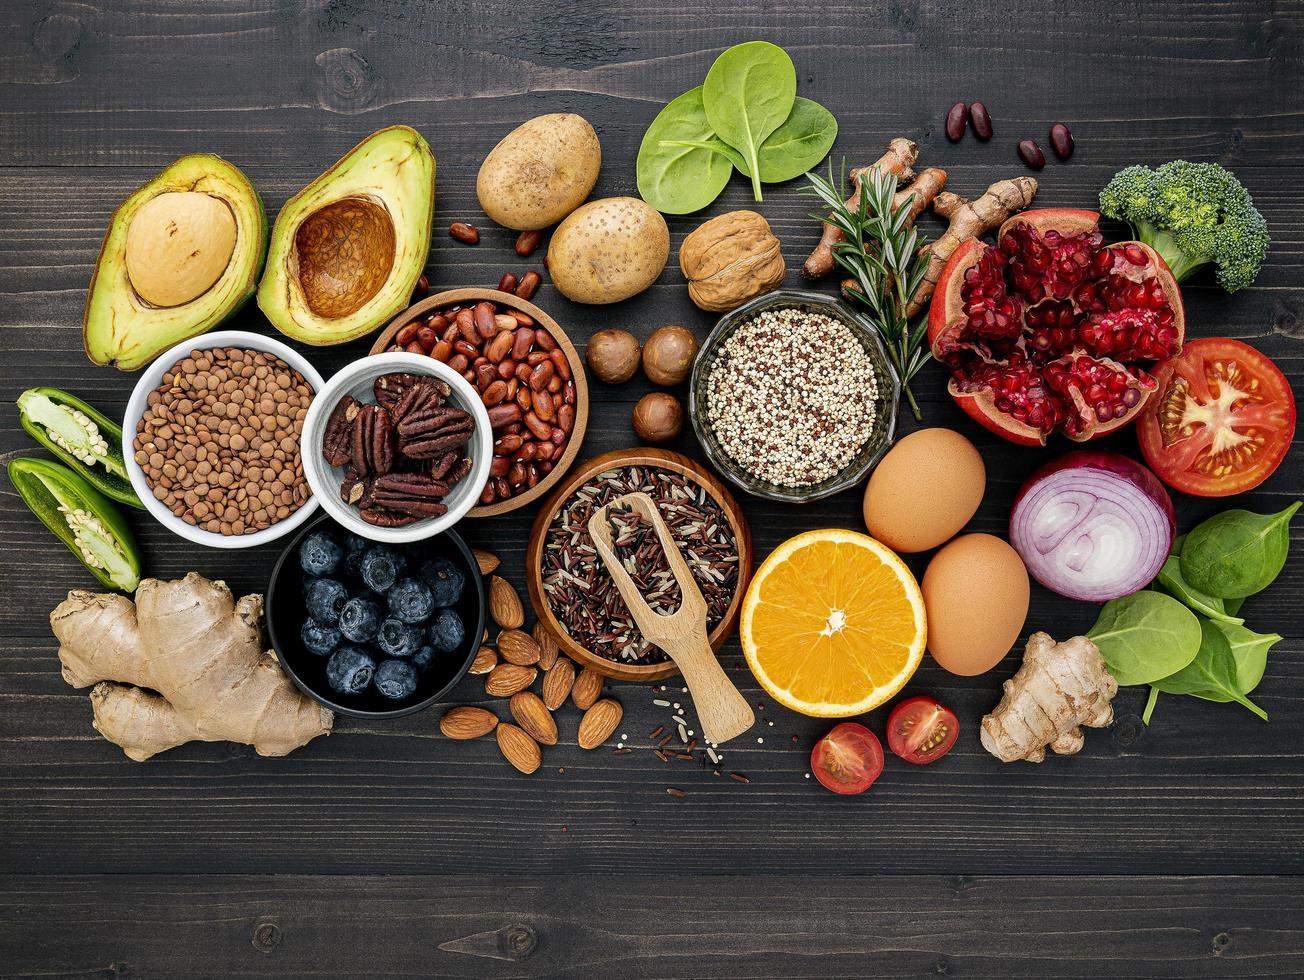 comida saudável fresca foto